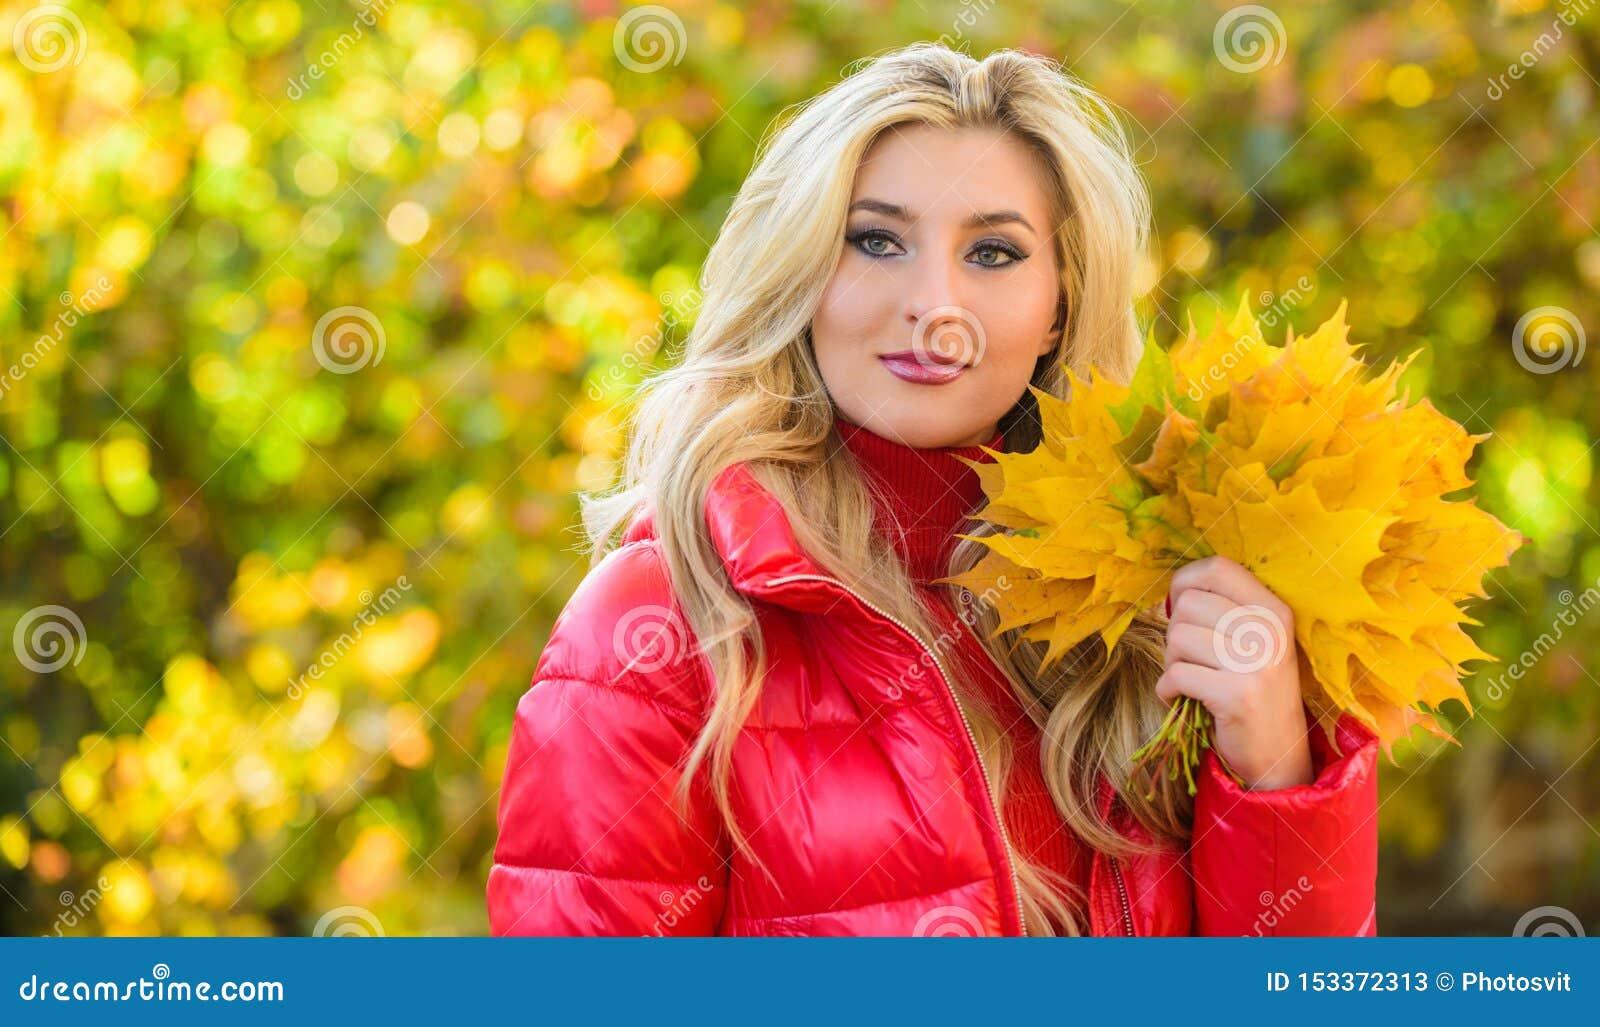 Signora che posa con il fondo autunnale della natura delle foglie Foglie gialle dell acero cadute mazzo vago biondo della tenuta